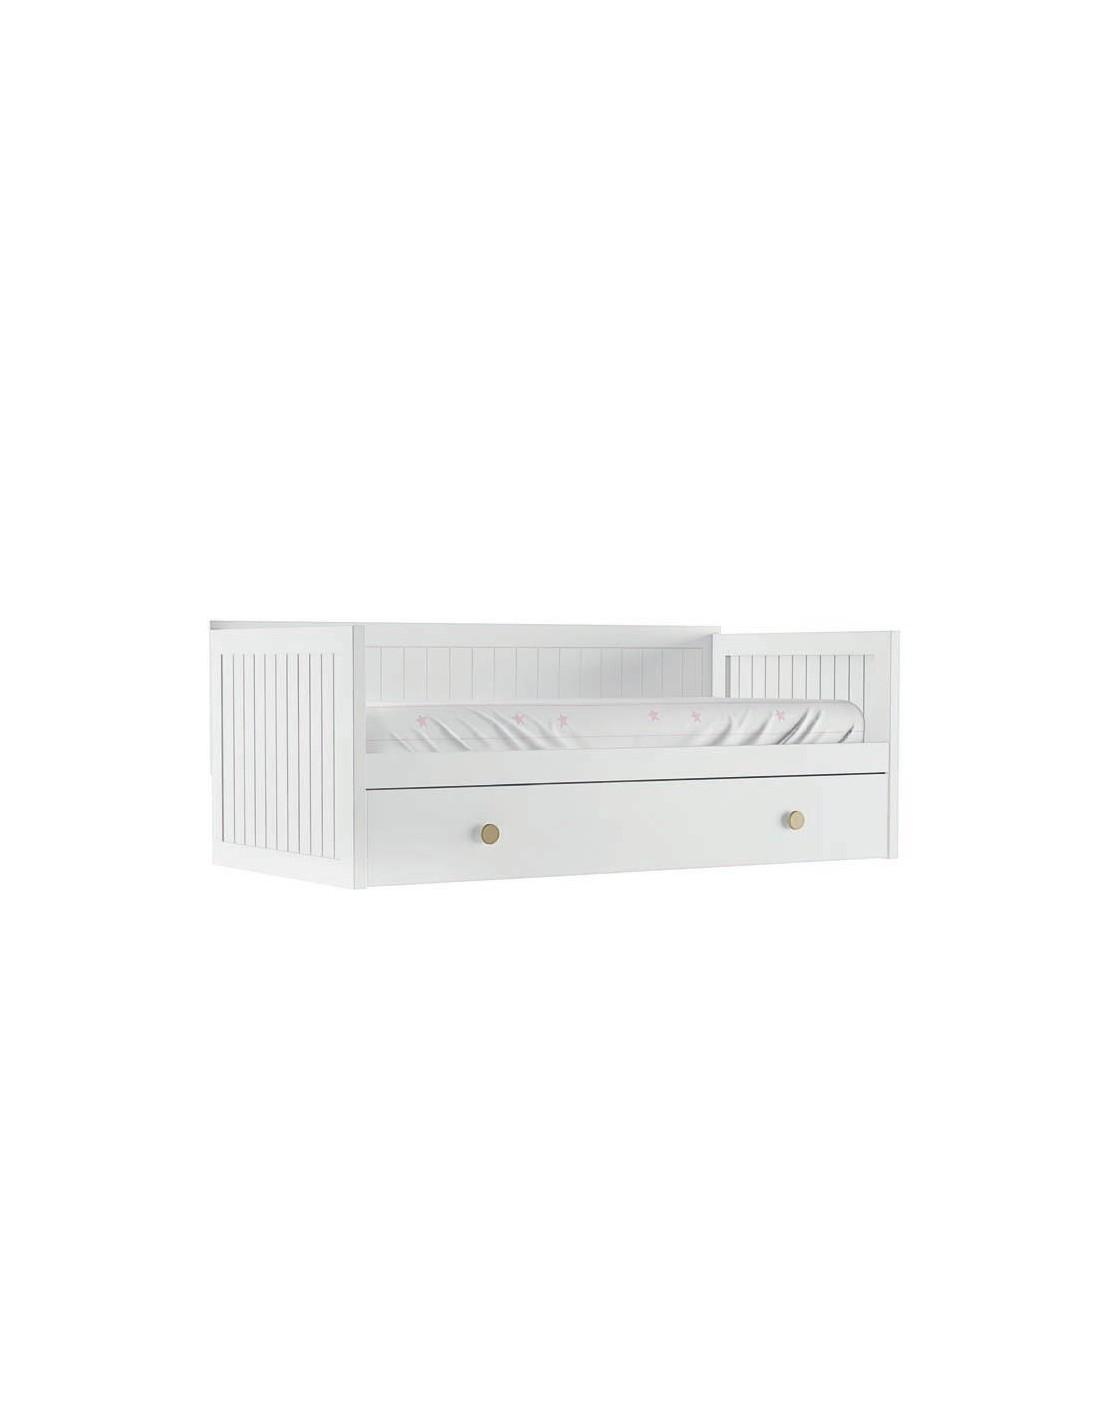 Comprar cama nido lacada tienda muebles online - Cama nido economica ...